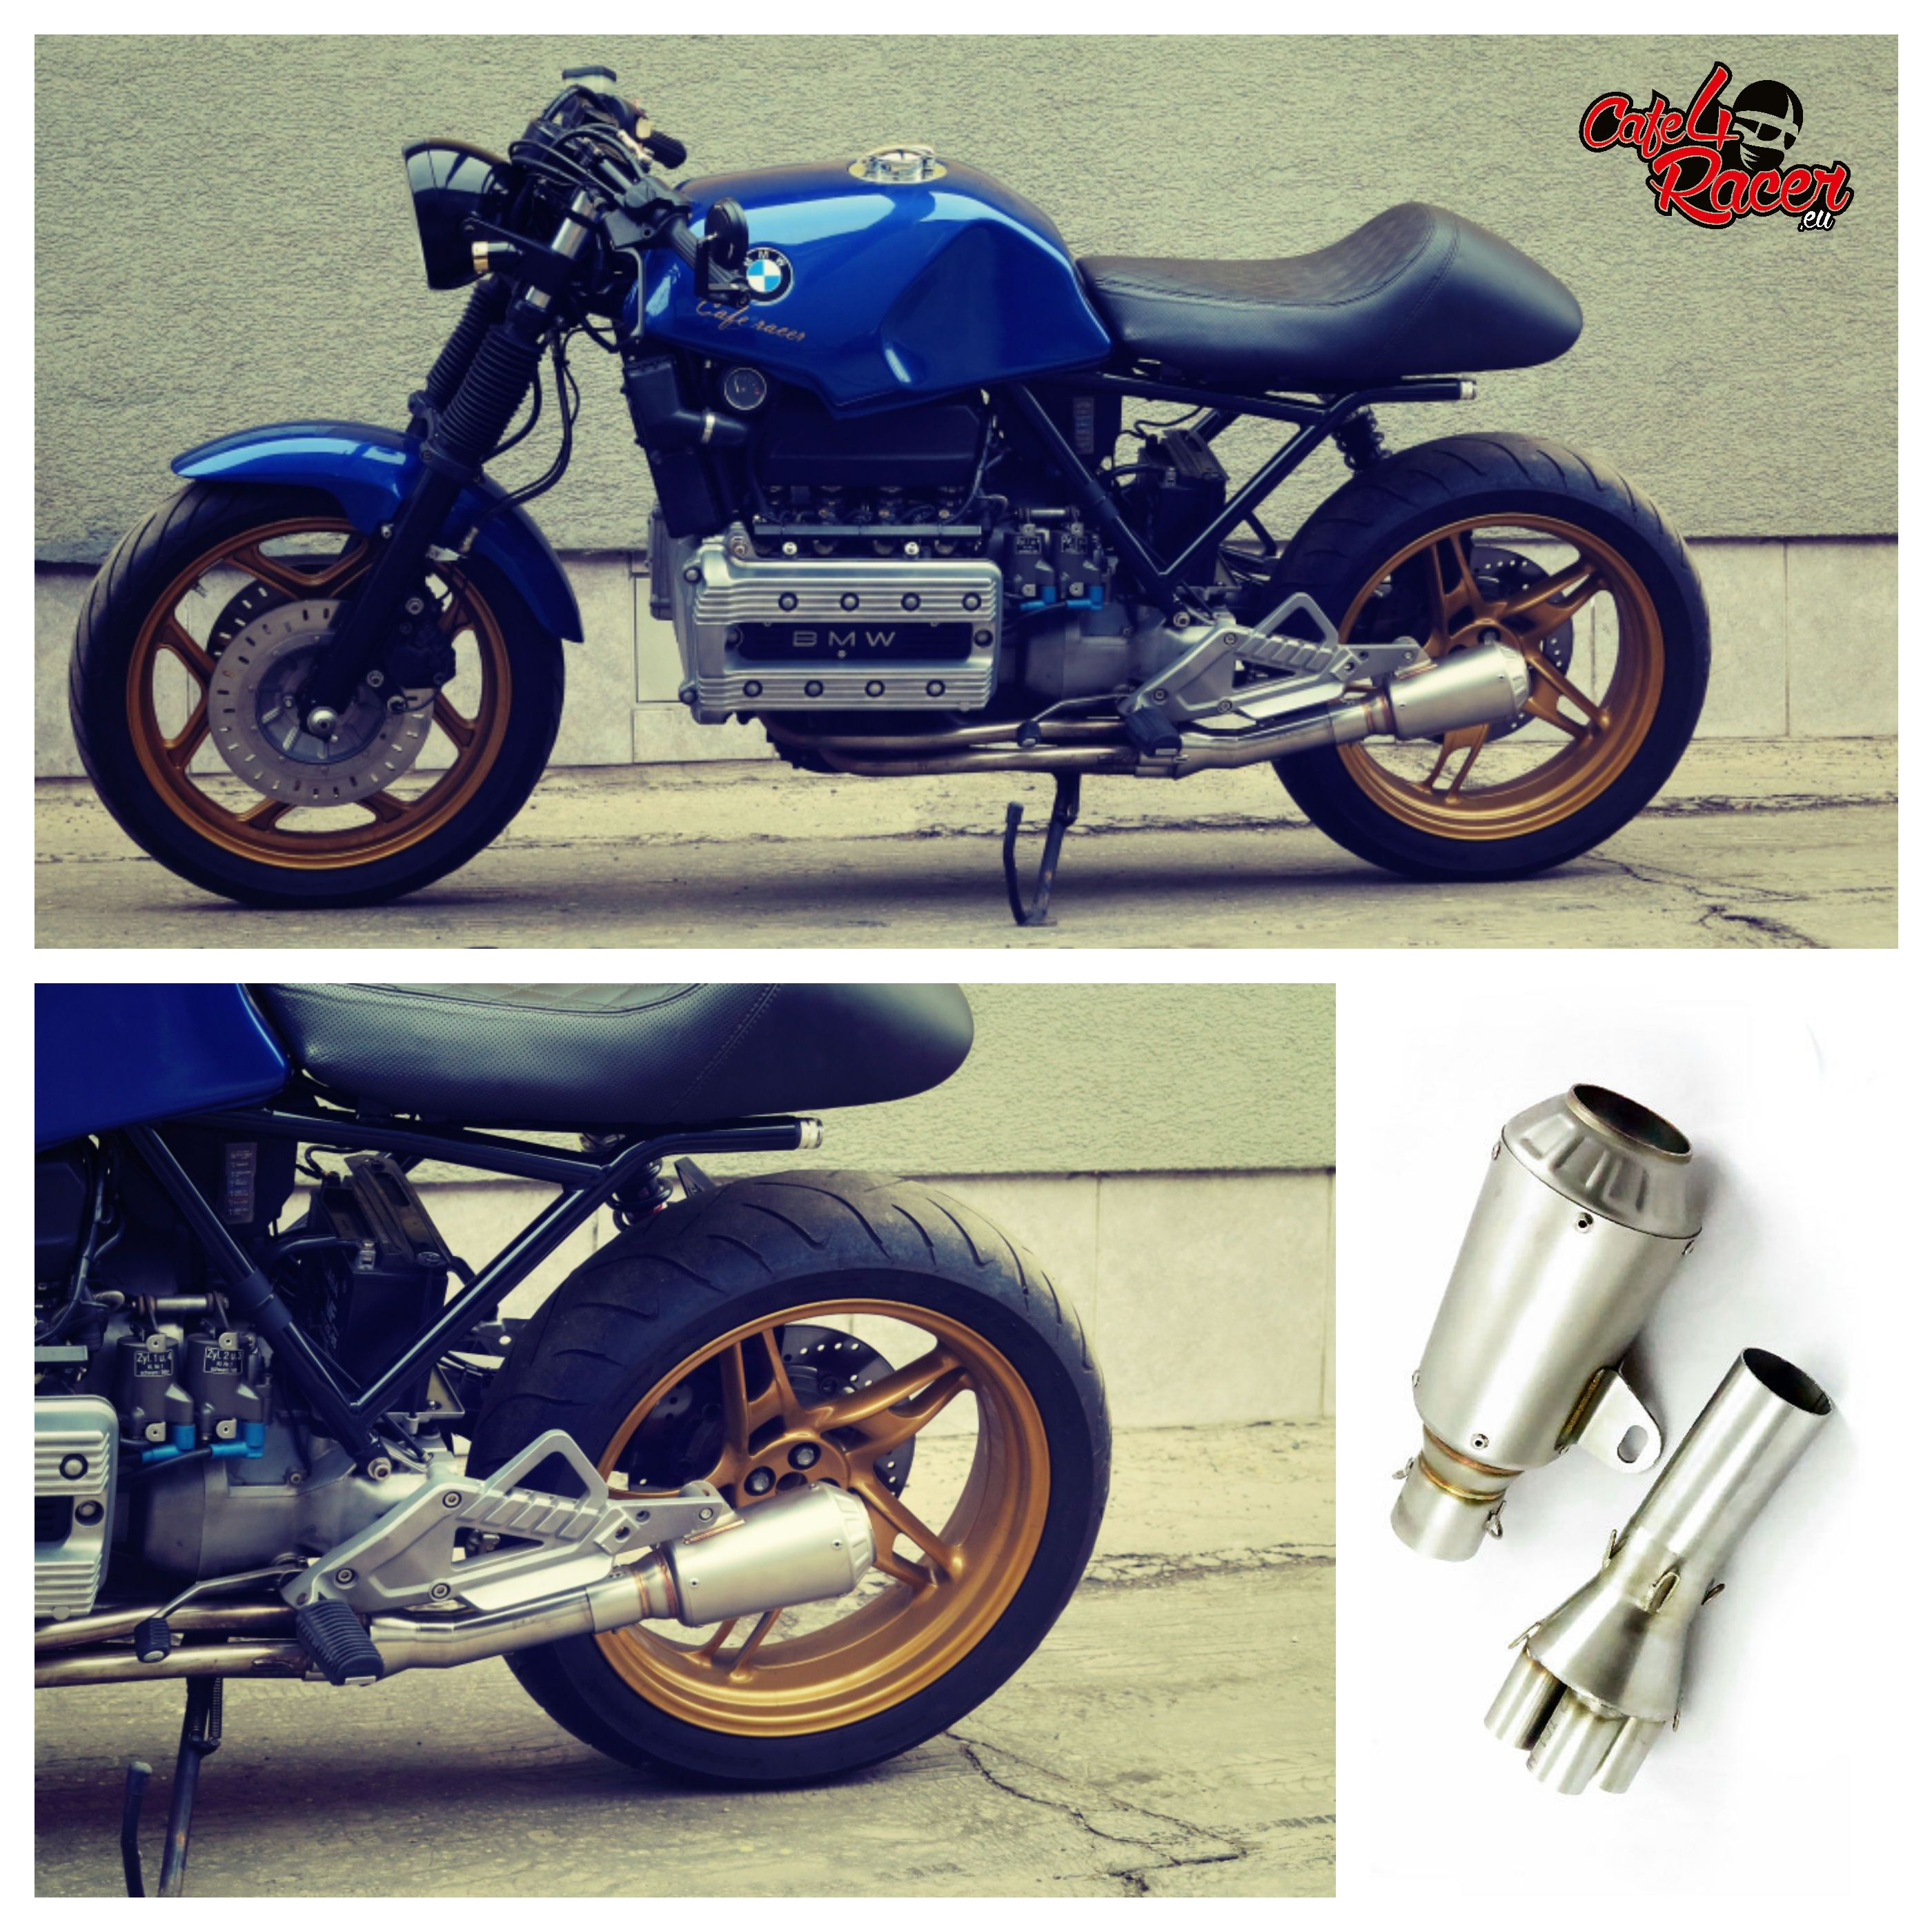 bmw #k100 #muffler #caferacer #exhaust | skrambler/kafe racer bmw